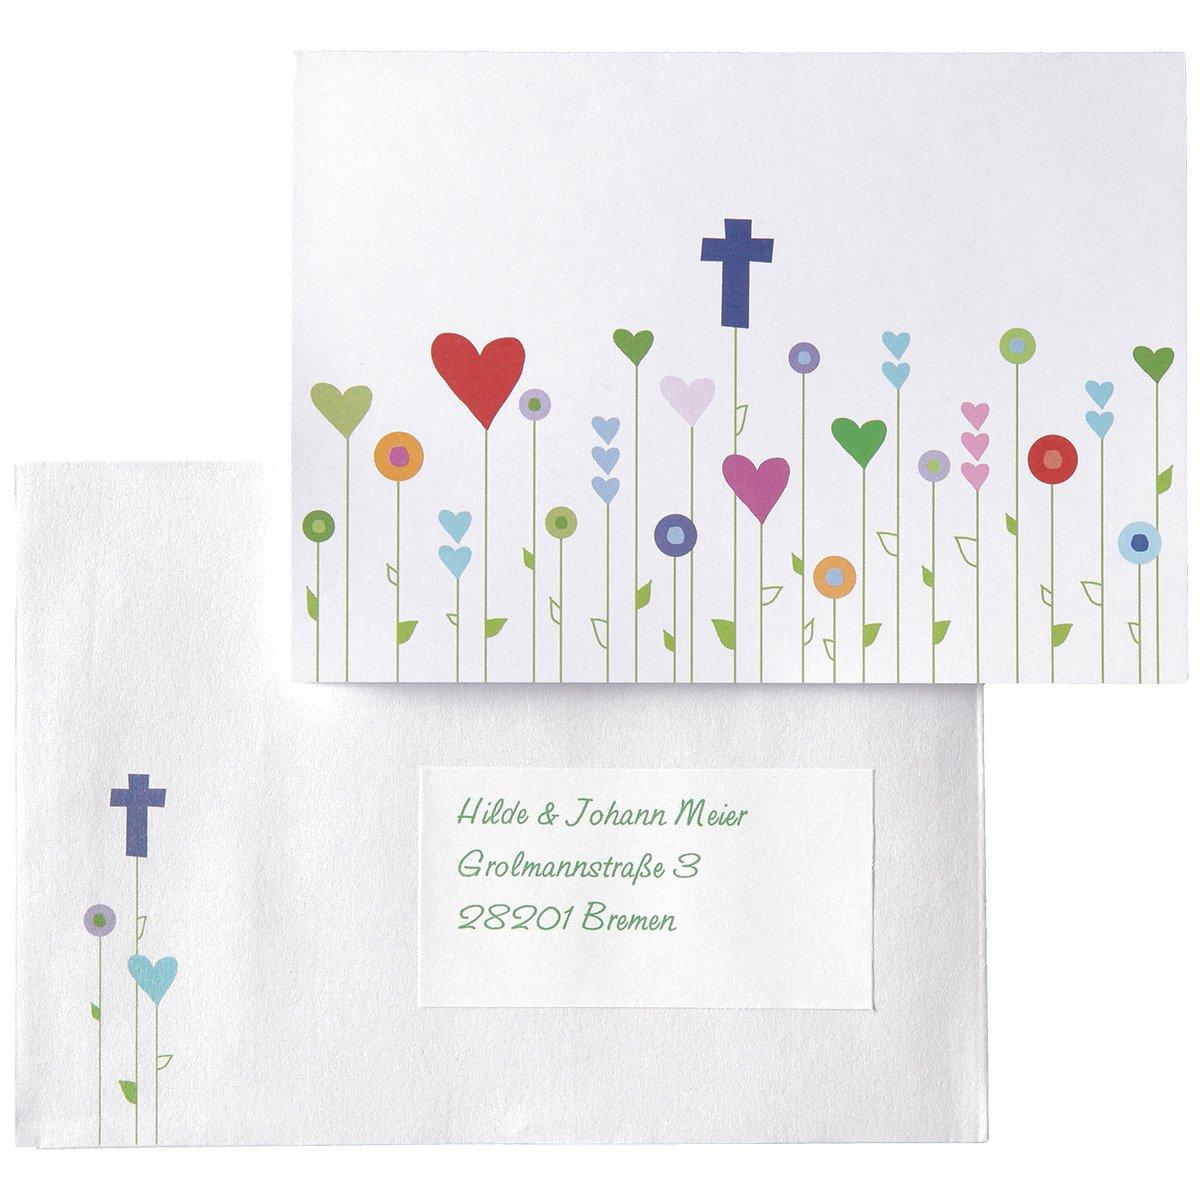 15 Einladungskarten, Dankeskarten, Glückwunschkarten Kommunion/Konfirmation/Taufe    Gottes Wiese   Inkl